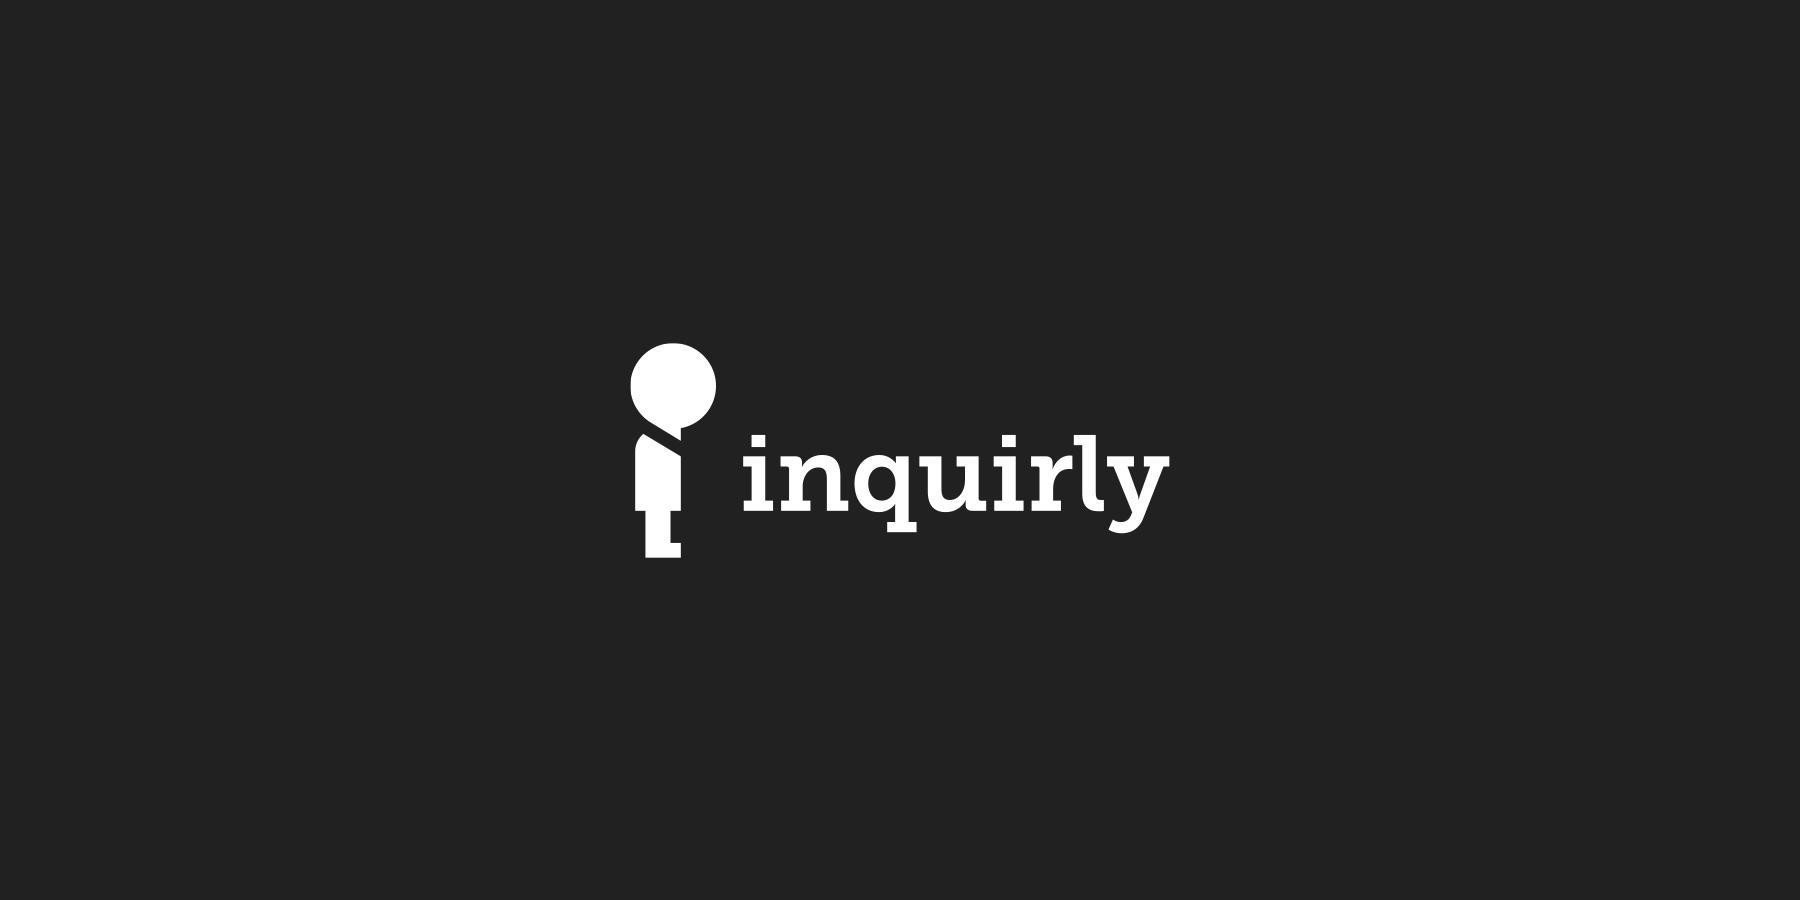 inquirly-logo-design-01